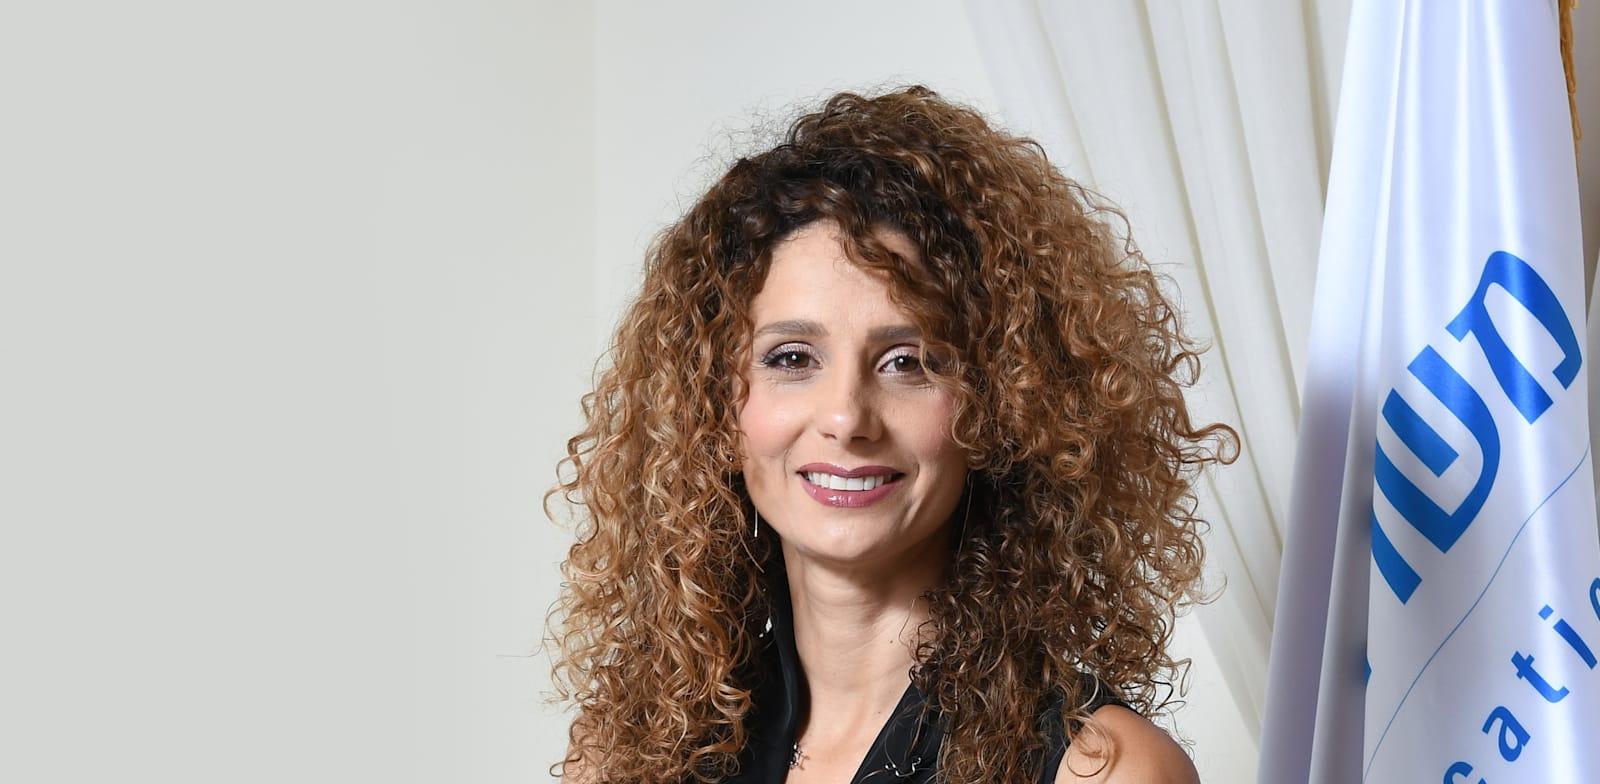 """לירן אבישר בן חורין, מנכ""""לית משרד התקשורת / צילום: רפי קוץ"""